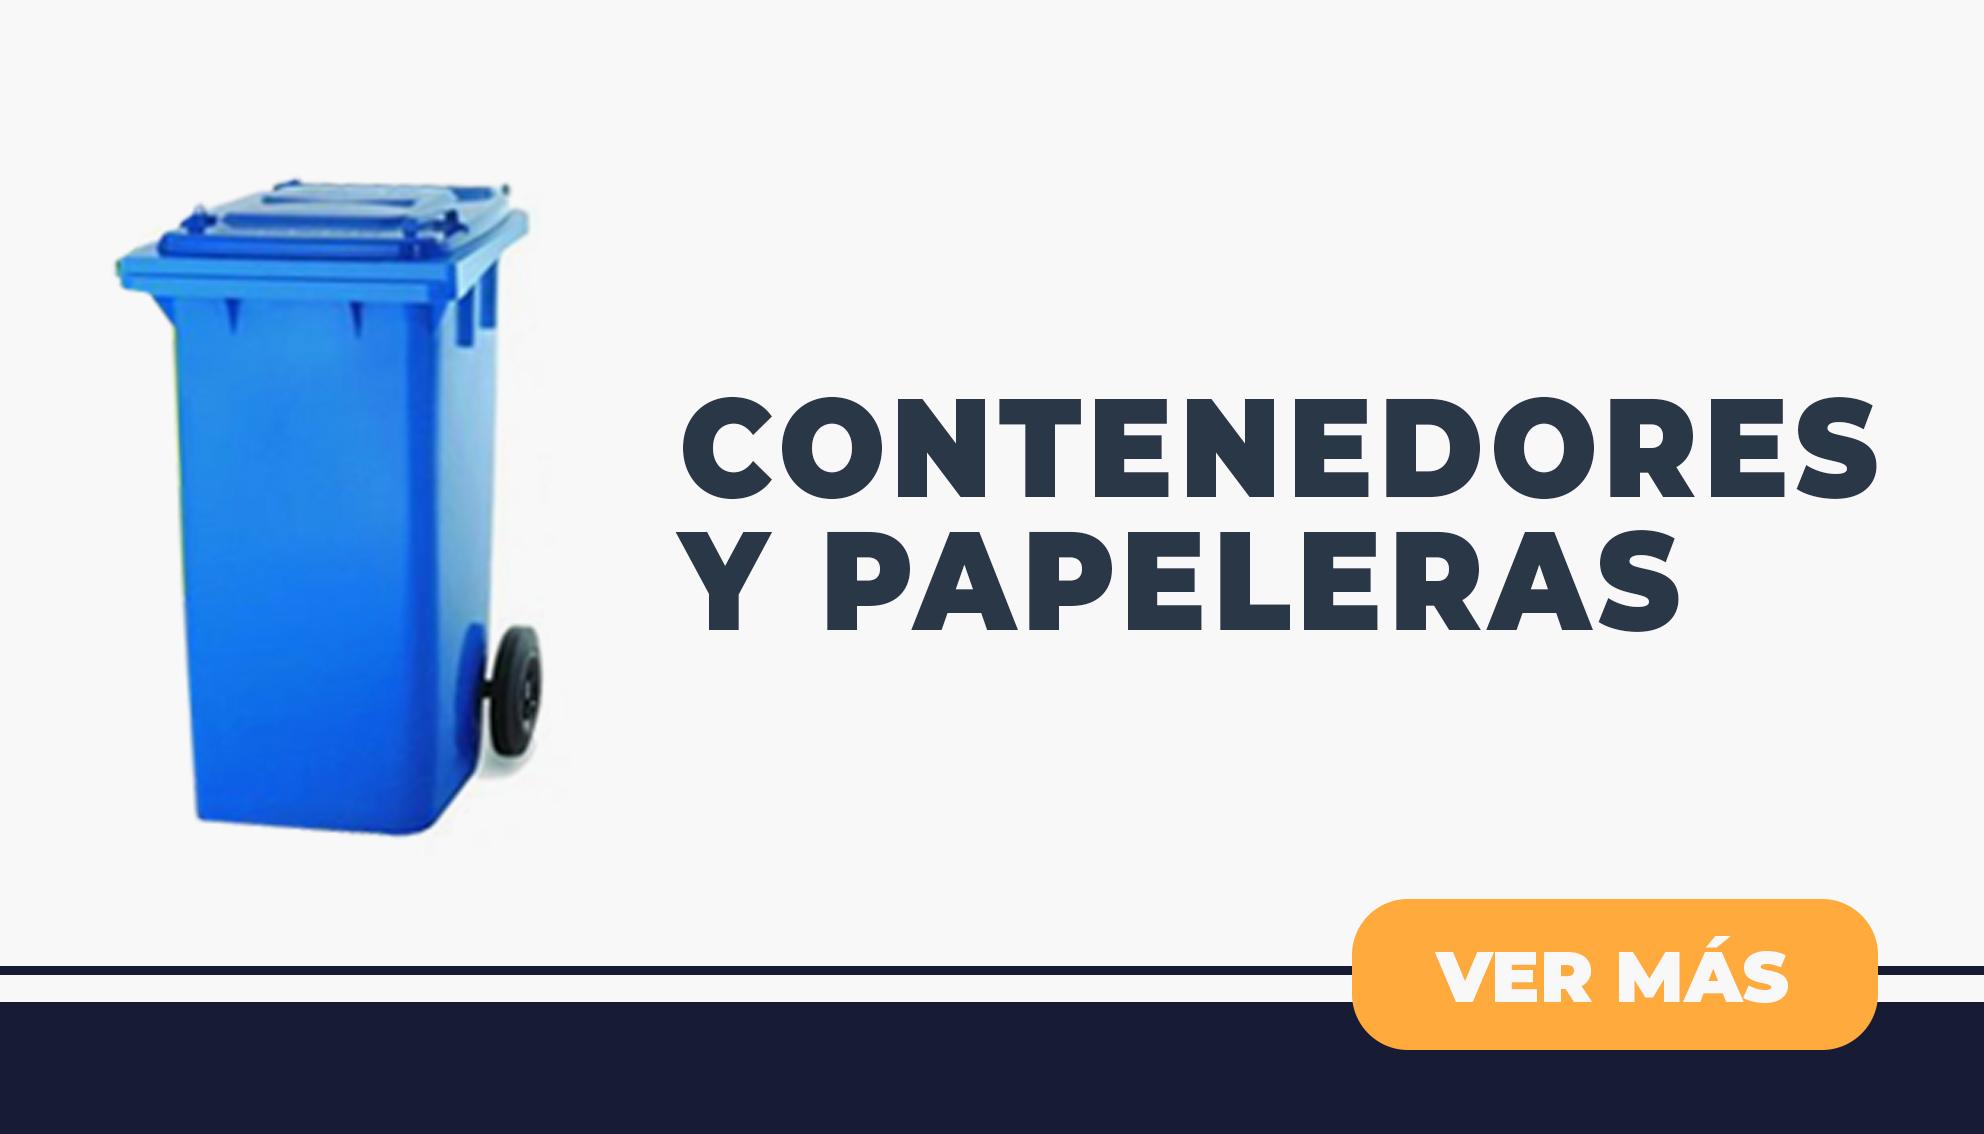 Papeleras y contenedores.jpg